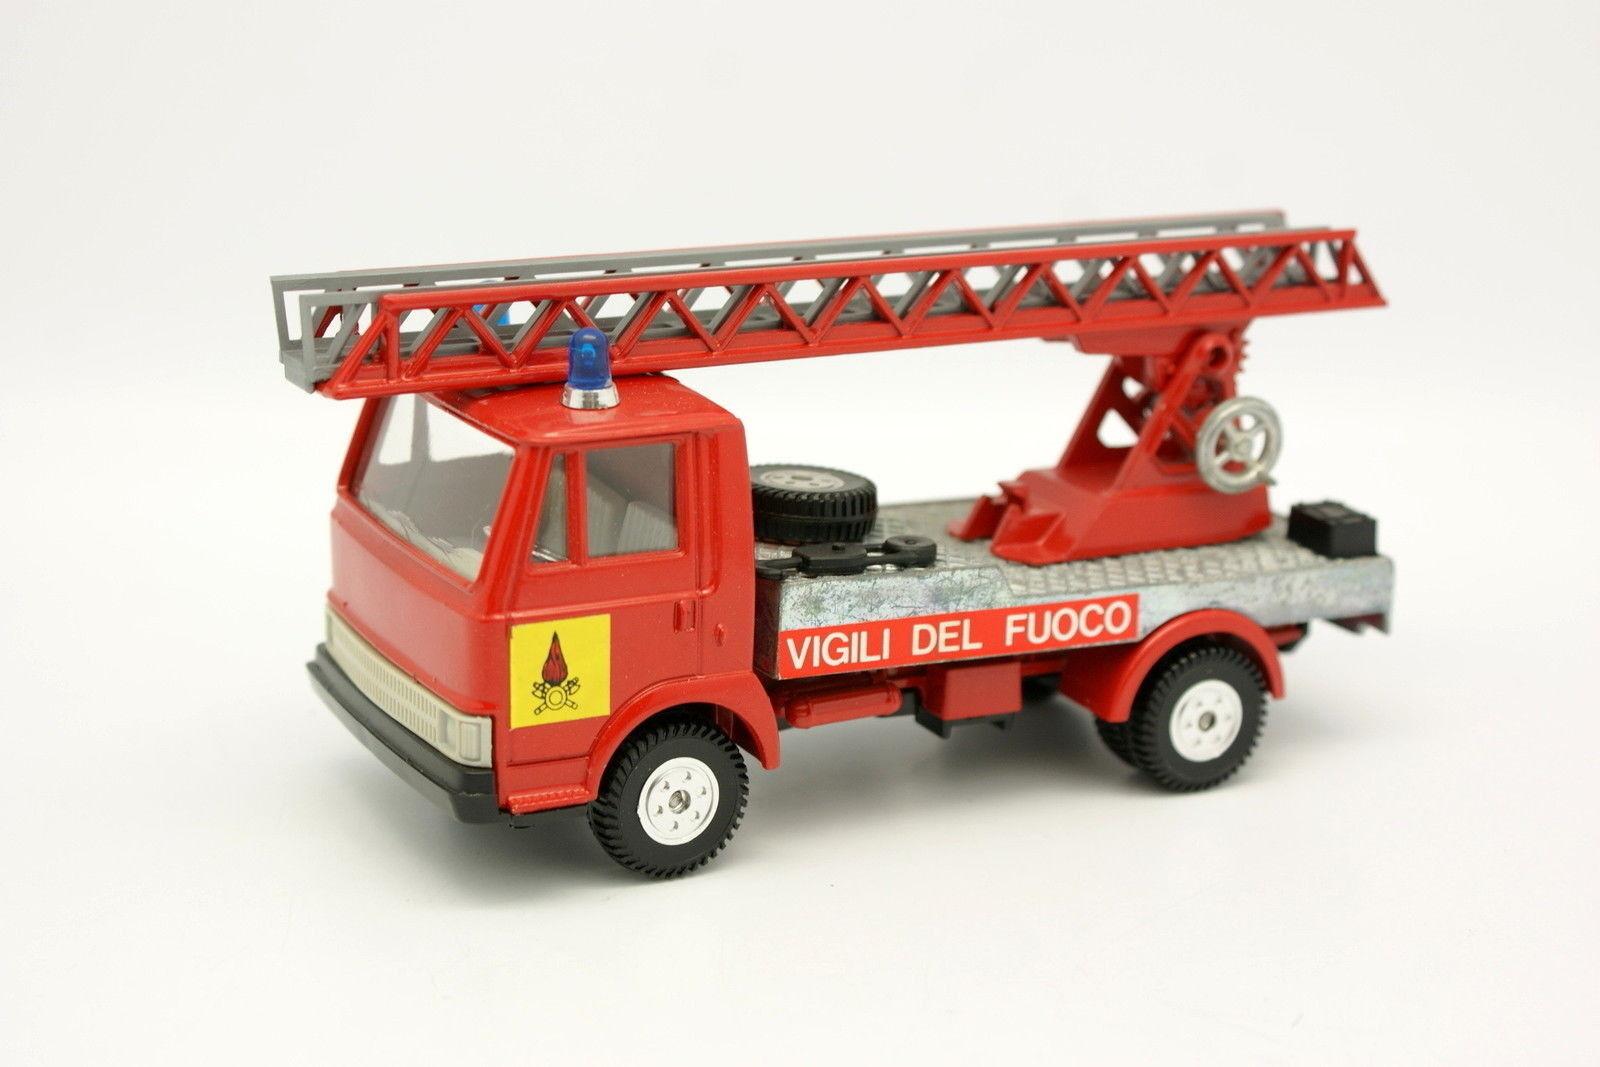 Burago 1 43 - Fiat 50 Vigili Del Fuoco Scale Firefighters